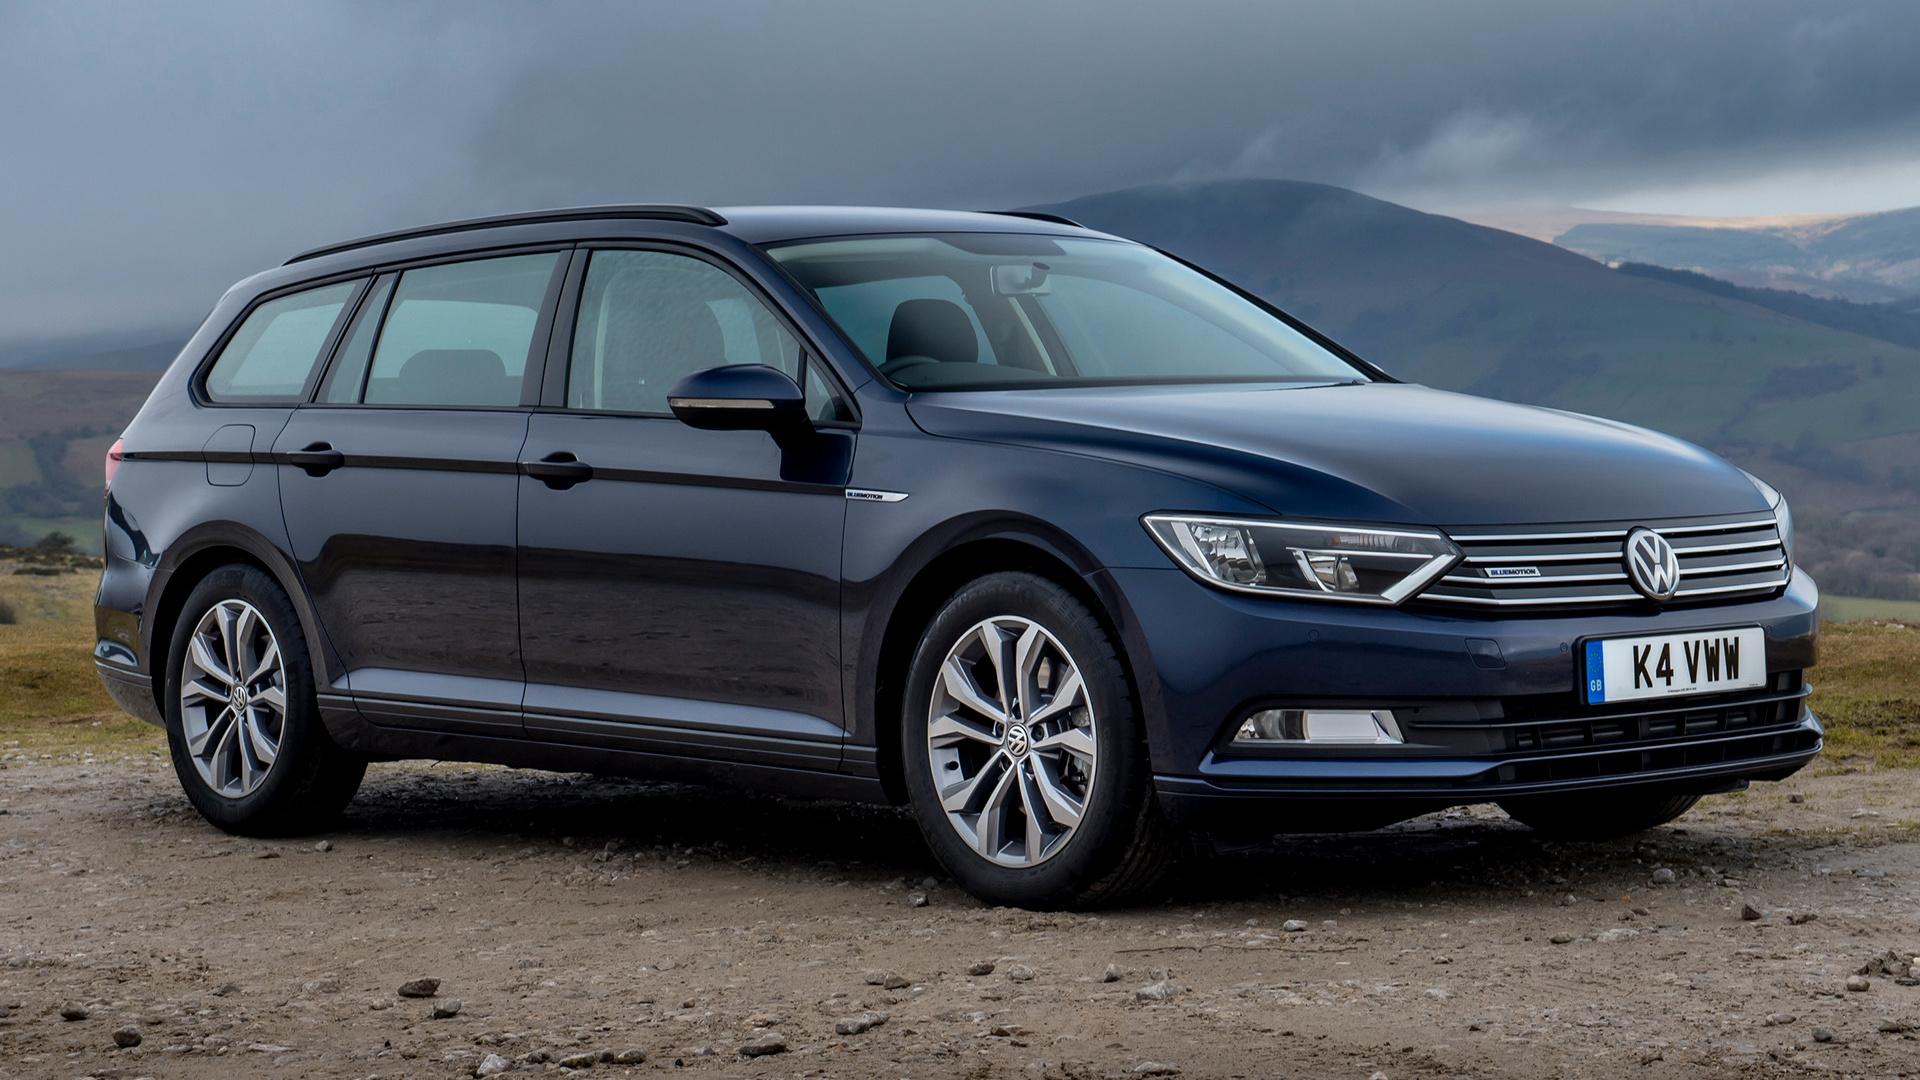 2015 Volkswagen Passat Estate Uk Fondos De Pantalla E Imagenes En Hd Car Pixel